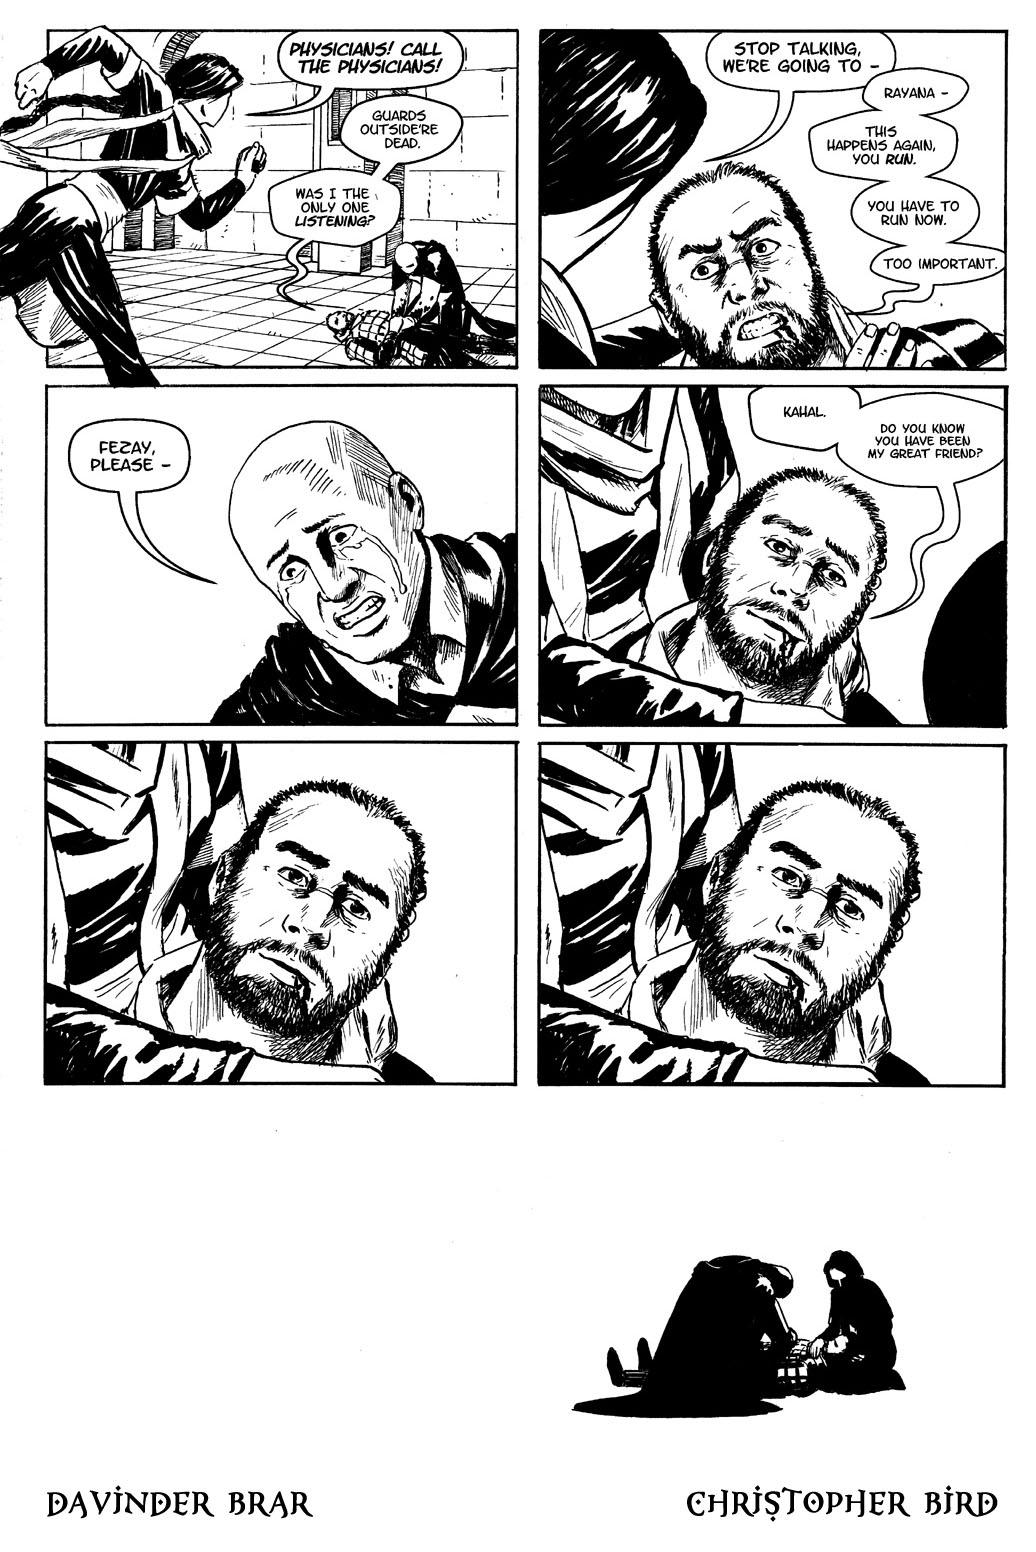 Book Six, Page Twenty-One